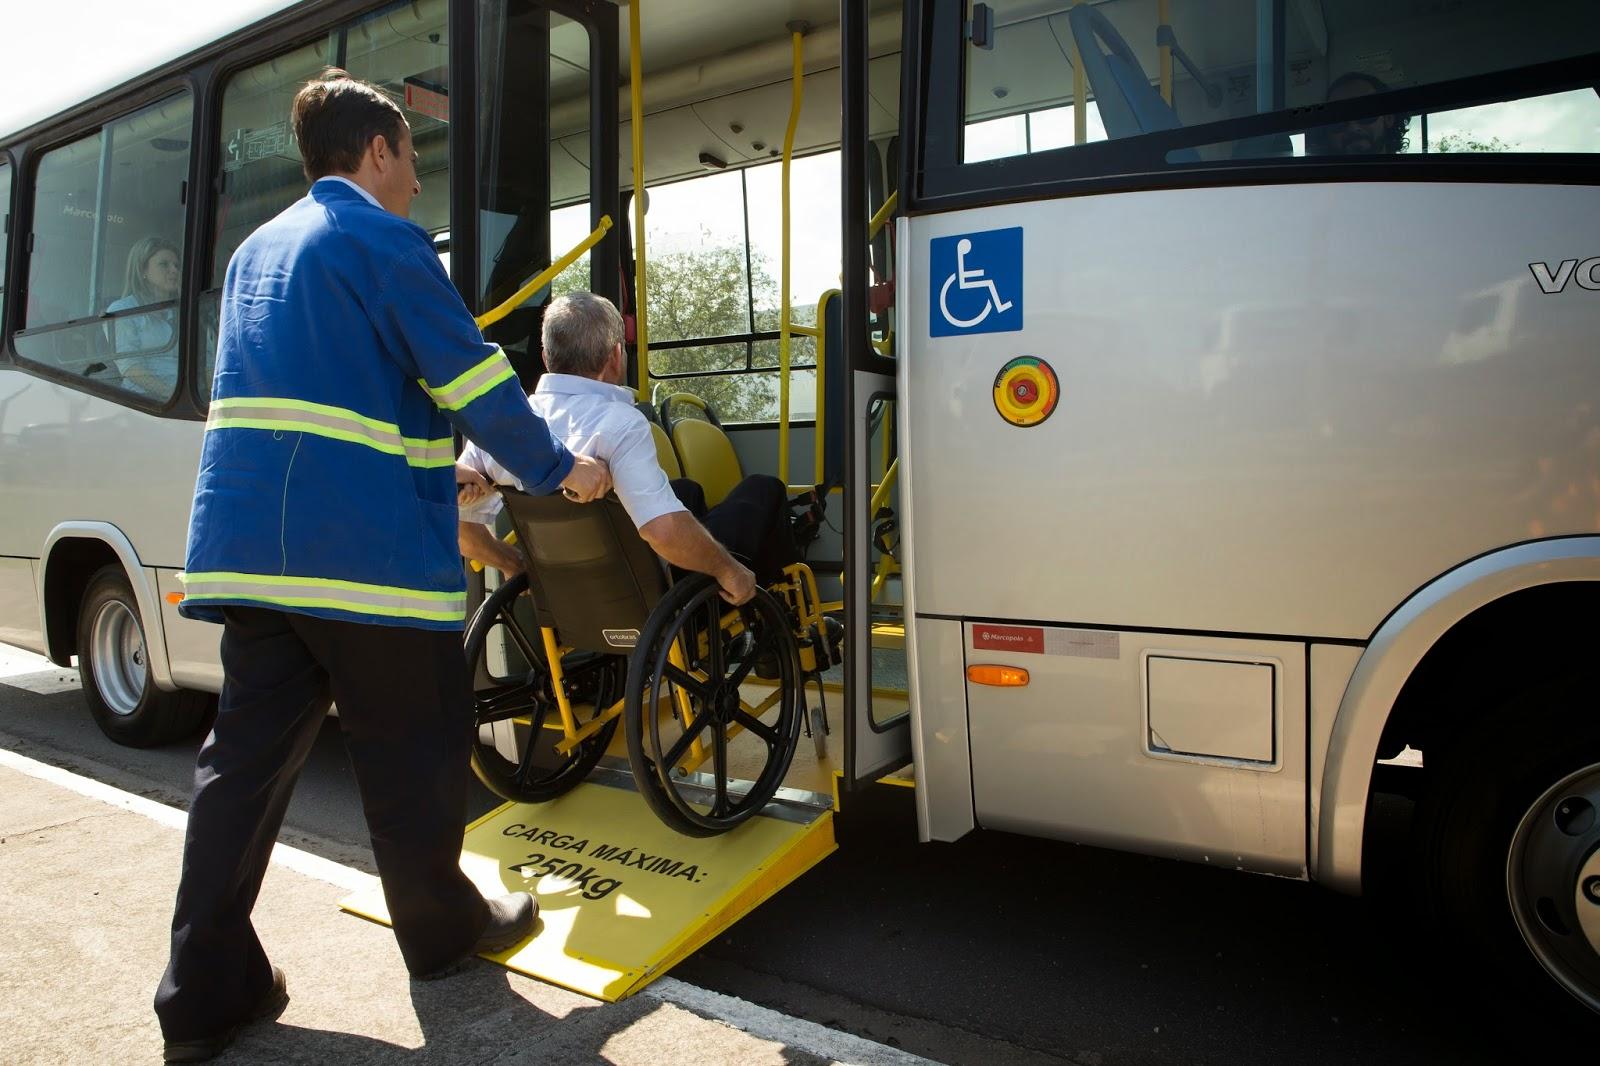 Deficientes físicos em Belo Horizonte: Ônibus adaptado